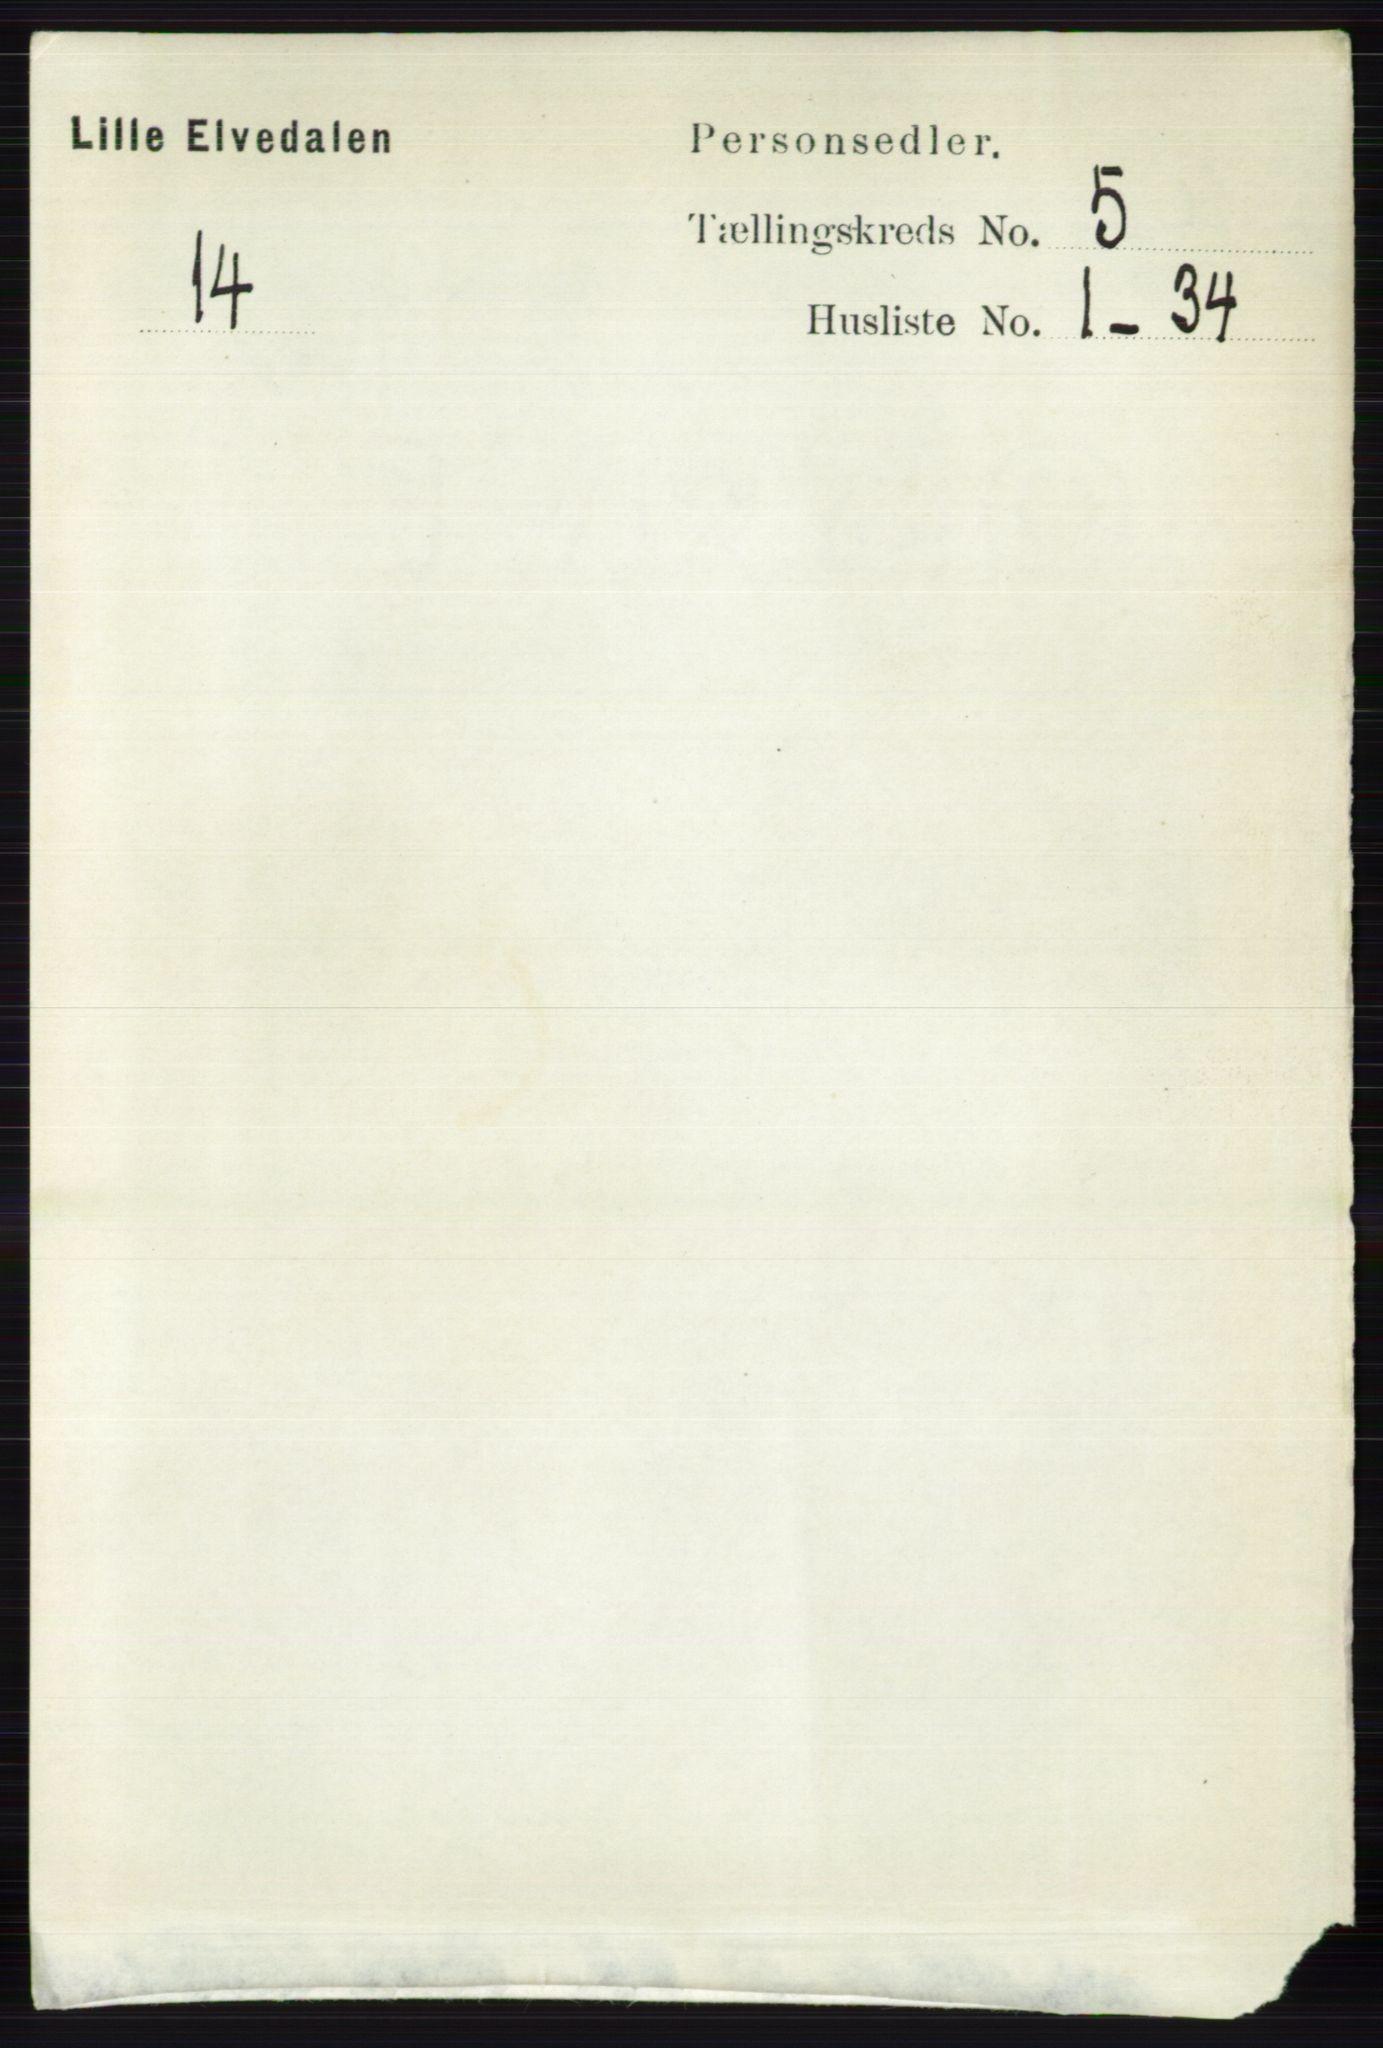 RA, Folketelling 1891 for 0438 Lille Elvedalen herred, 1891, s. 1544